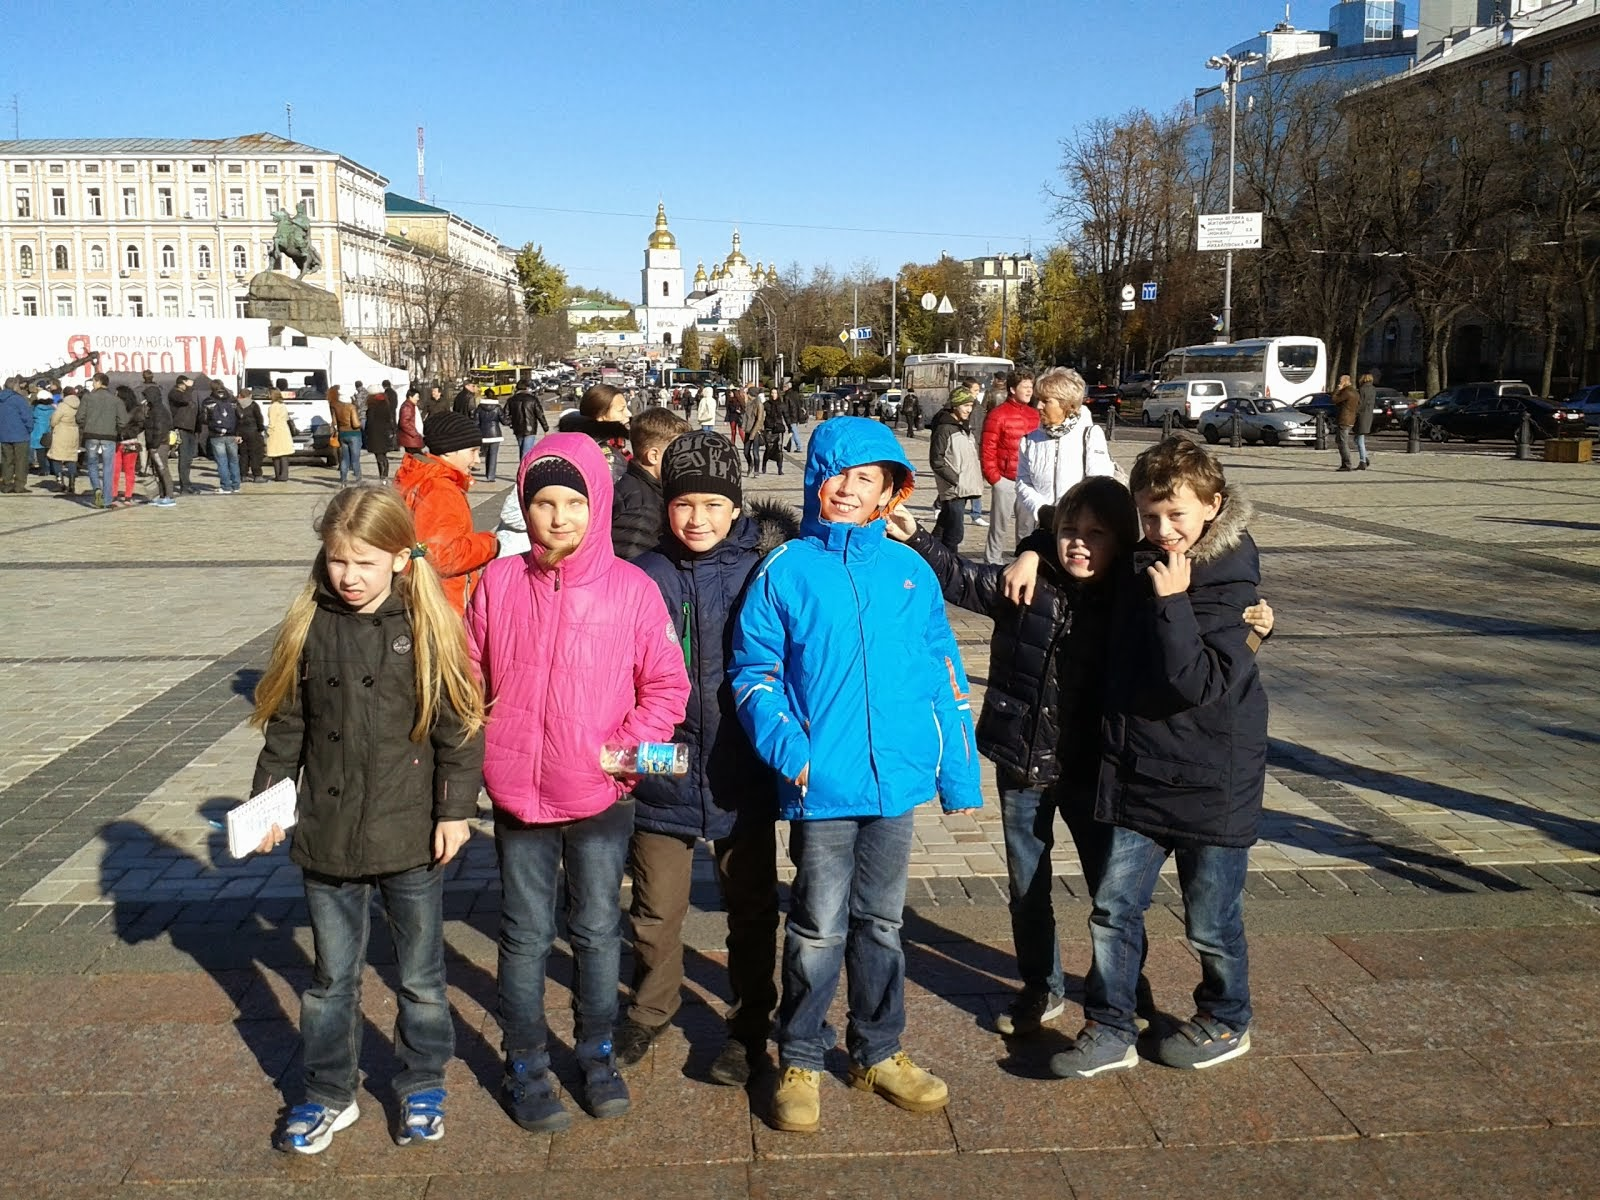 КИЕВ.На Софиевской площади у памятника Богдану Хмельницкому.